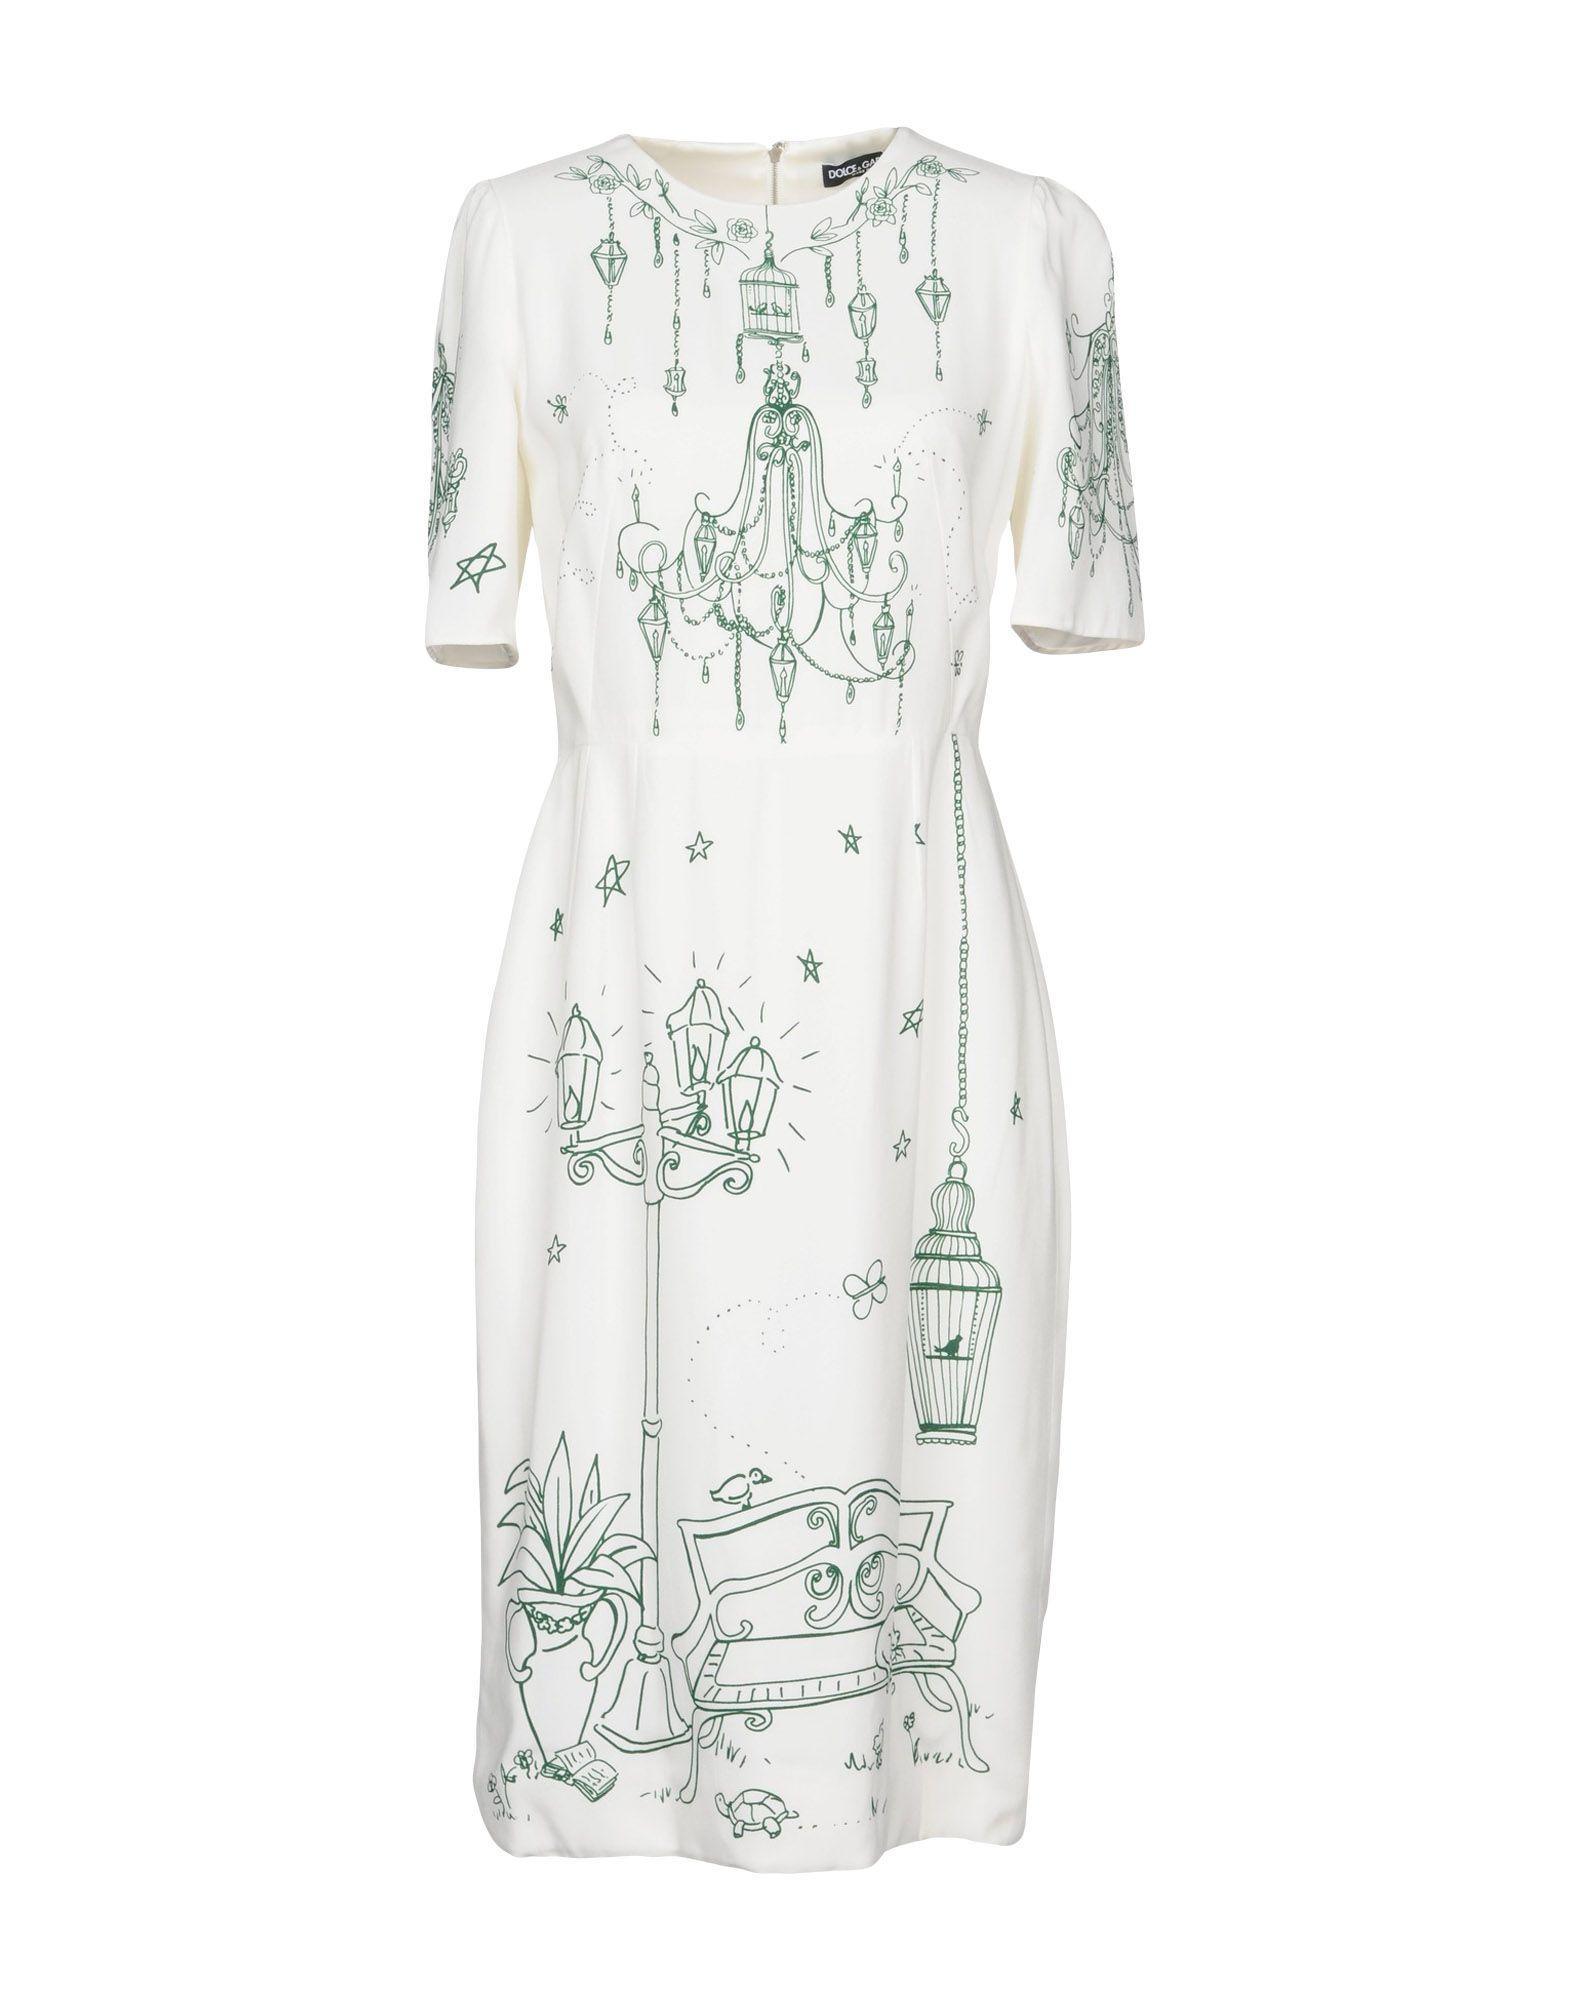 Dolce & Gabbana Knee-Length Dress In White